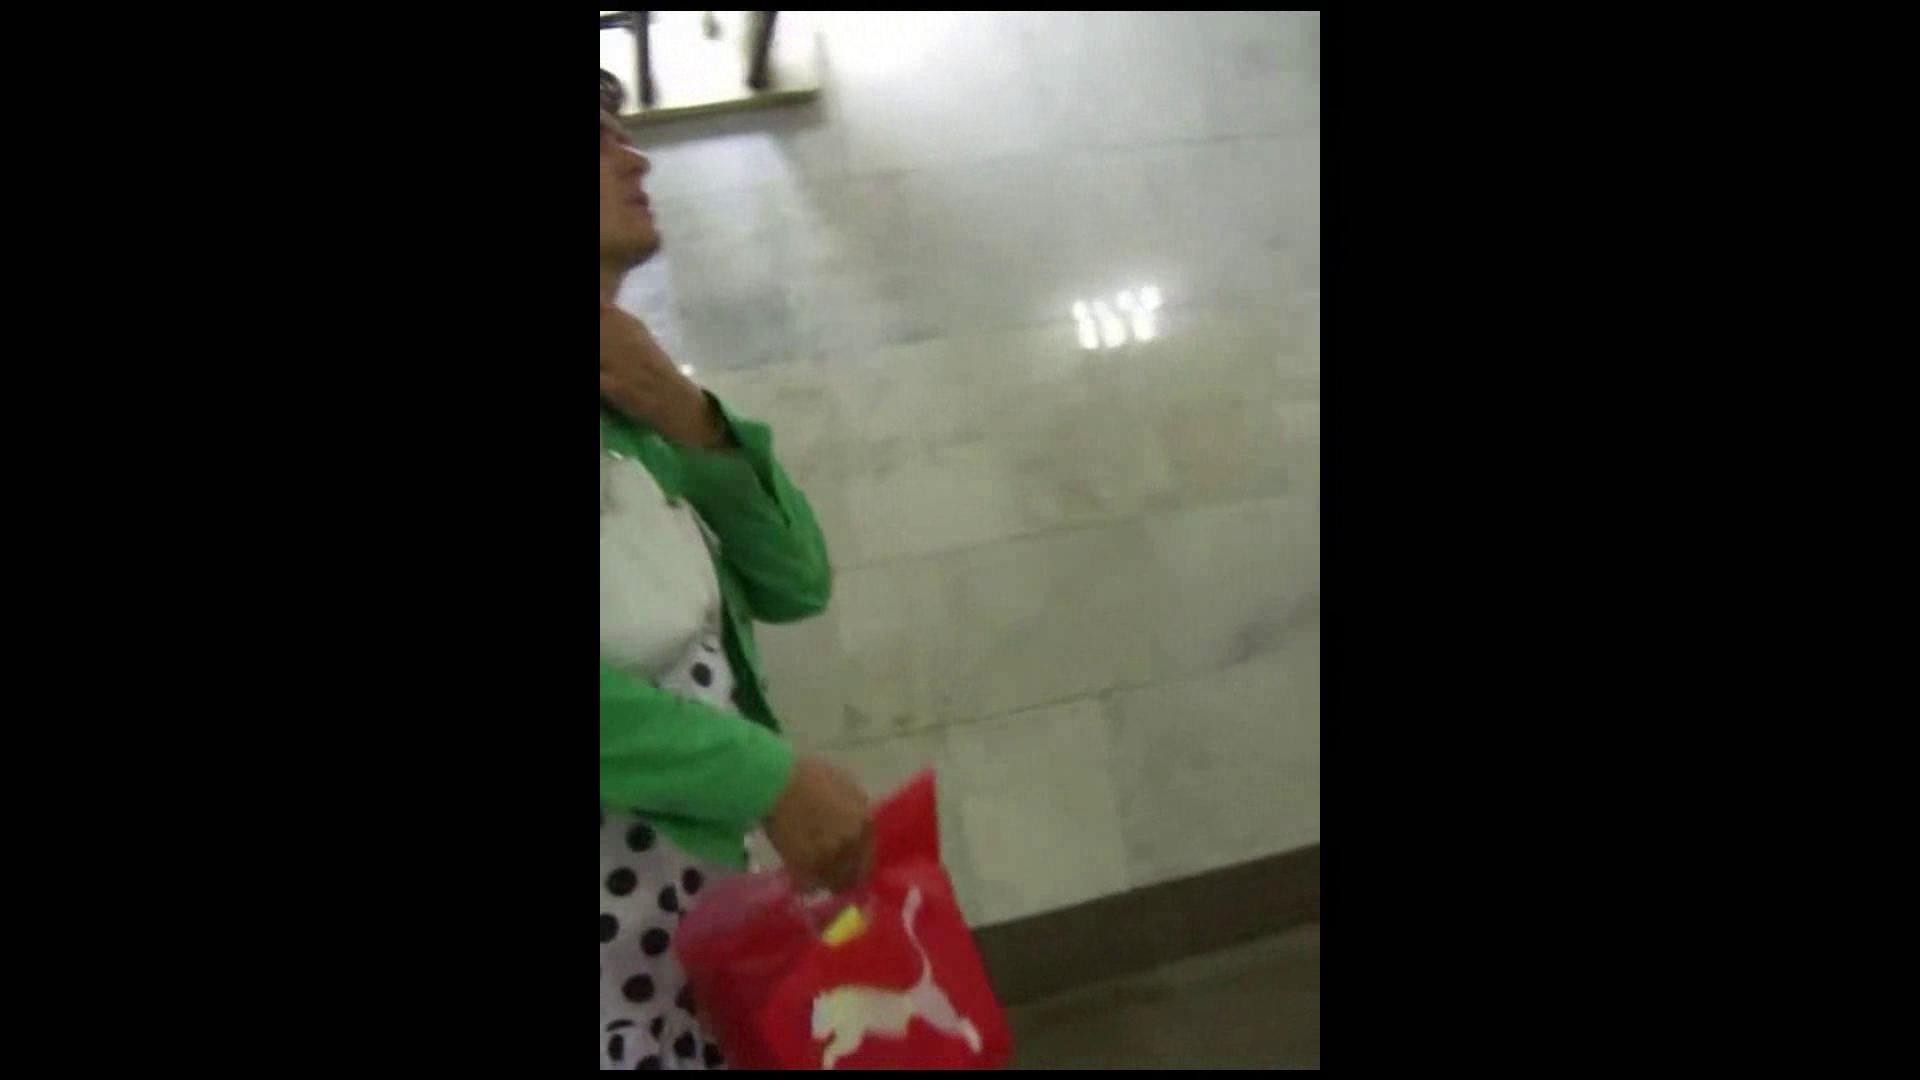 綺麗なモデルさんのスカート捲っちゃおう‼vol03 お姉さん スケベ動画紹介 41連発 14